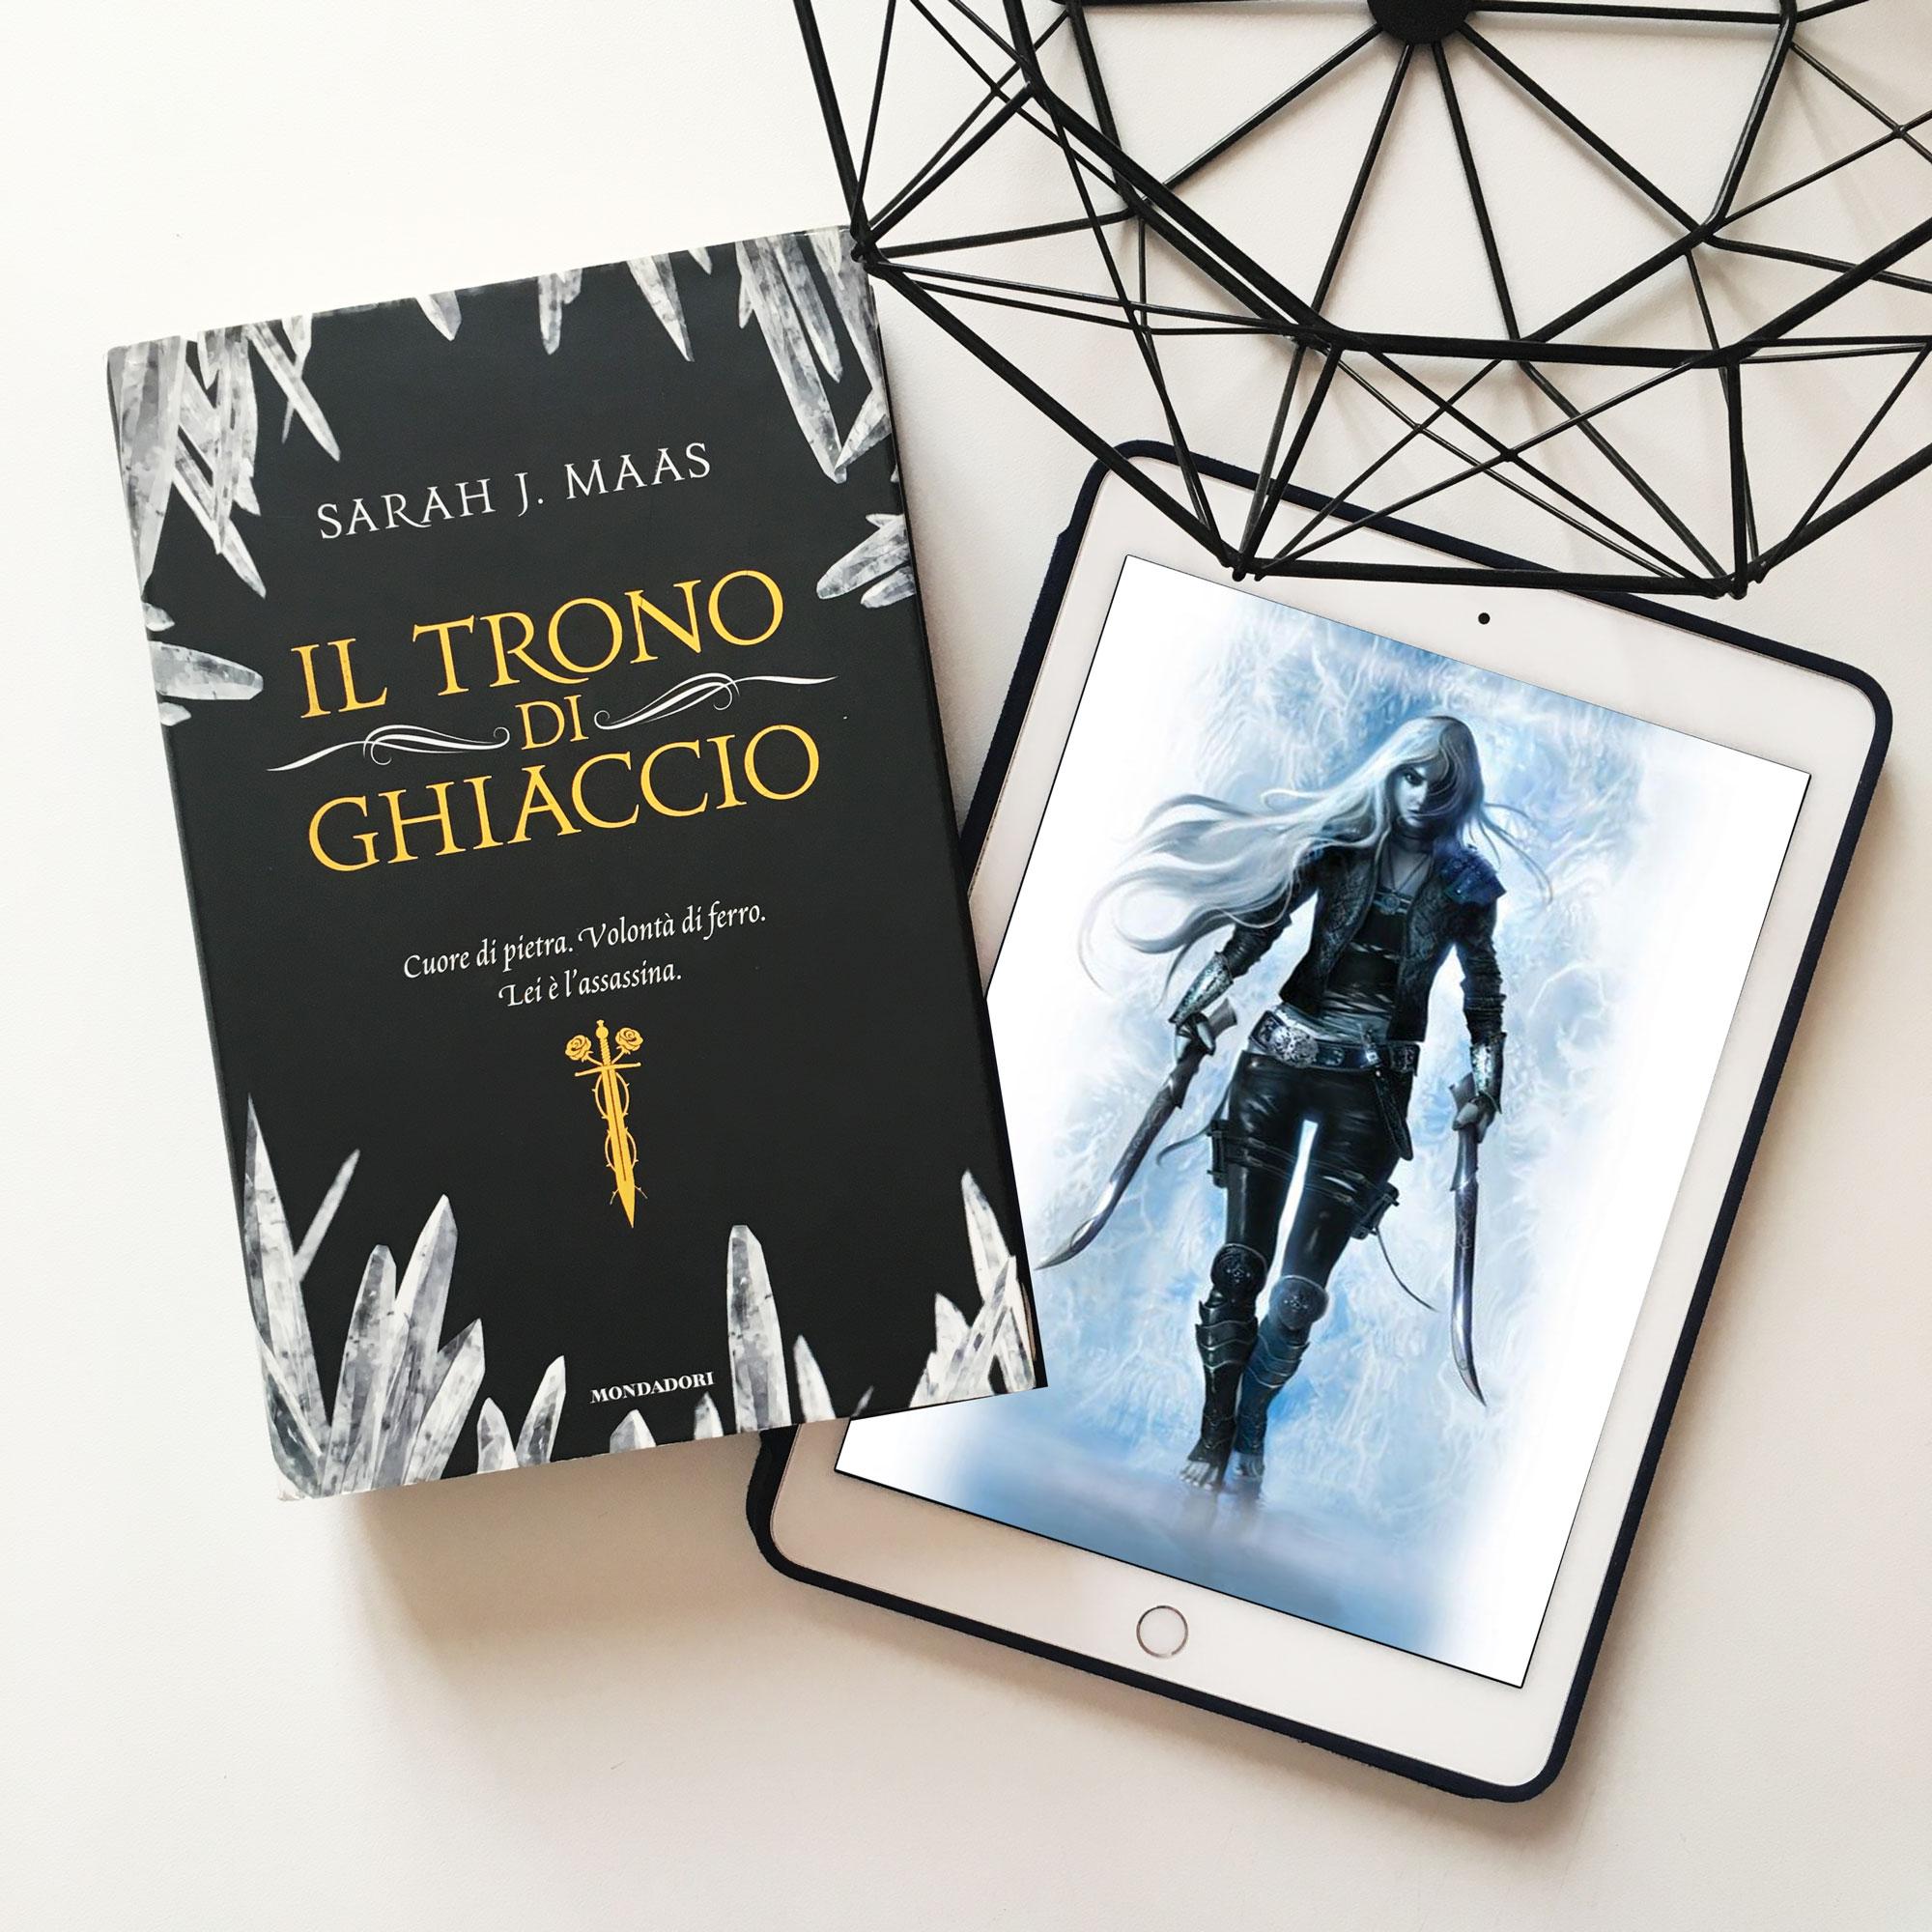 Il trono di ghiaccio